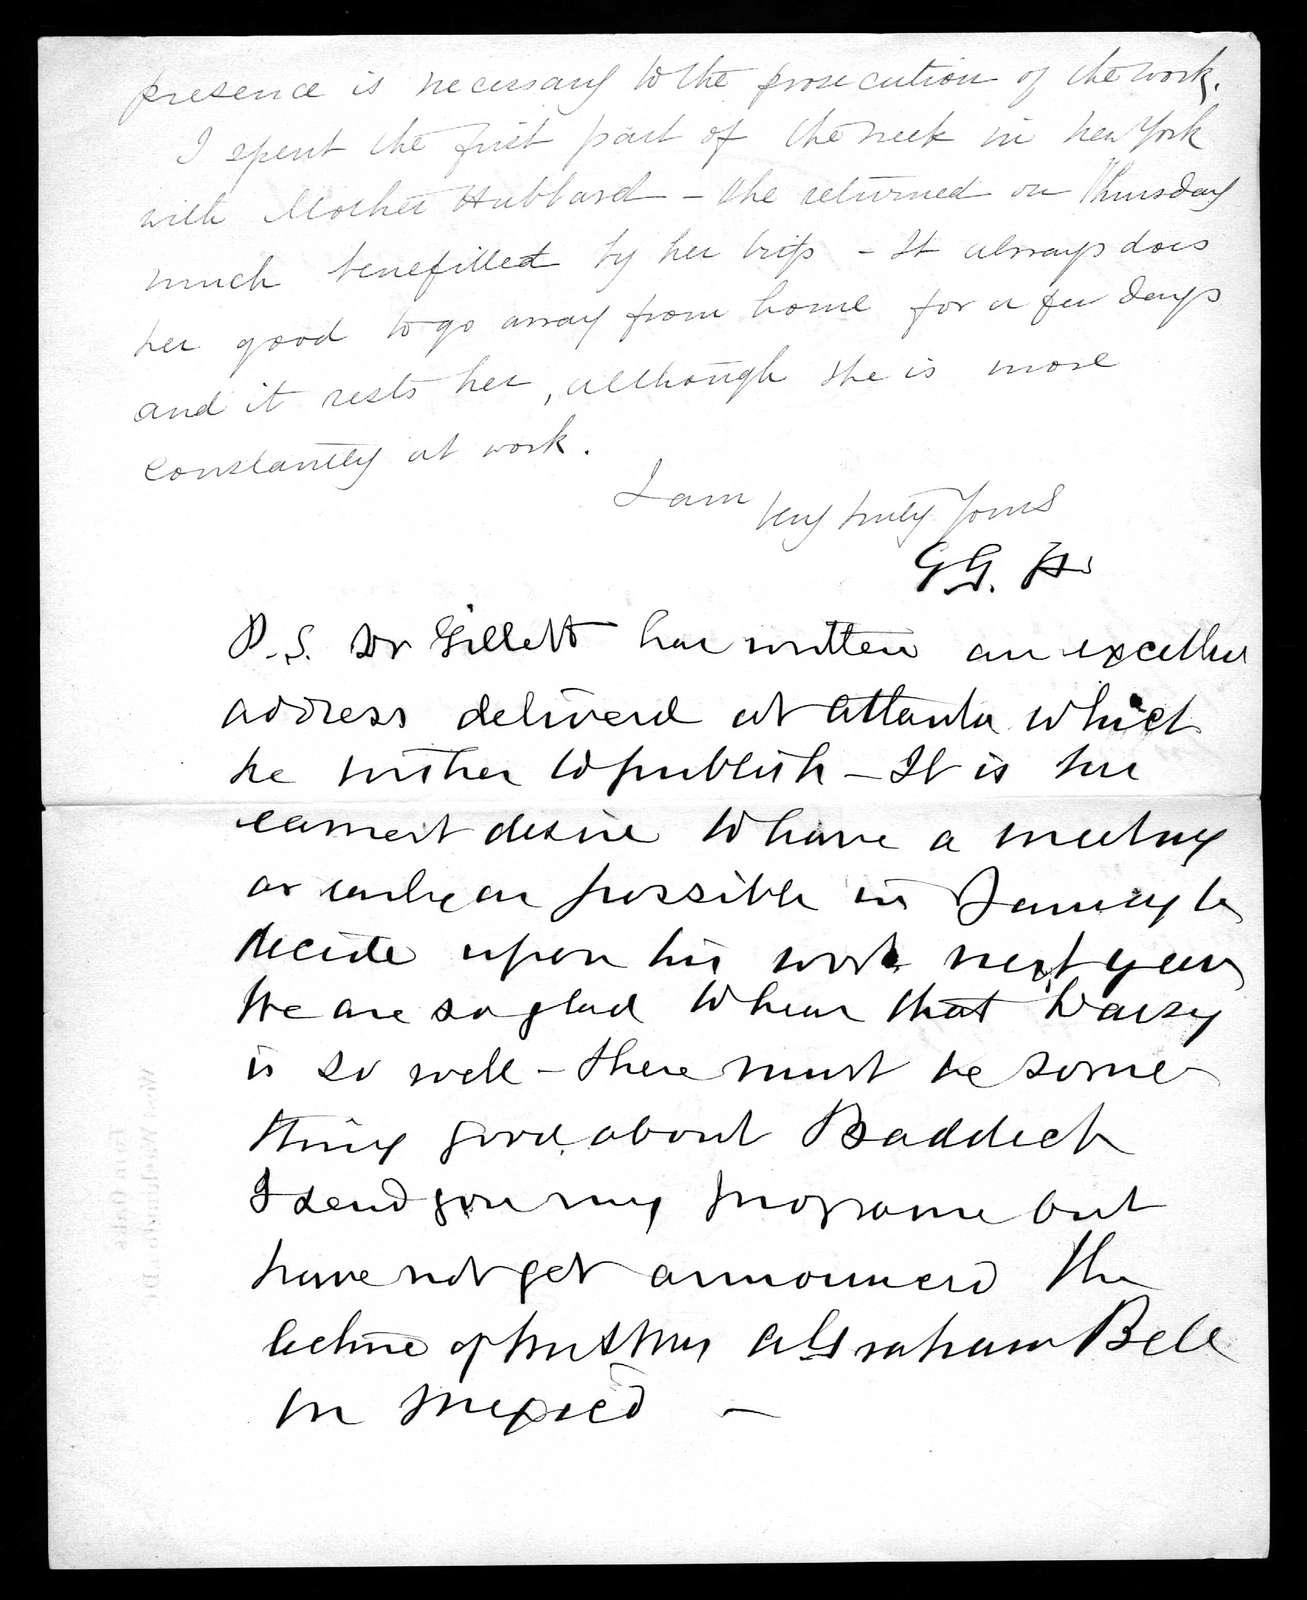 Letter from Gardiner Greene Hubbard to Alexander Graham Bell, December 7, 1895